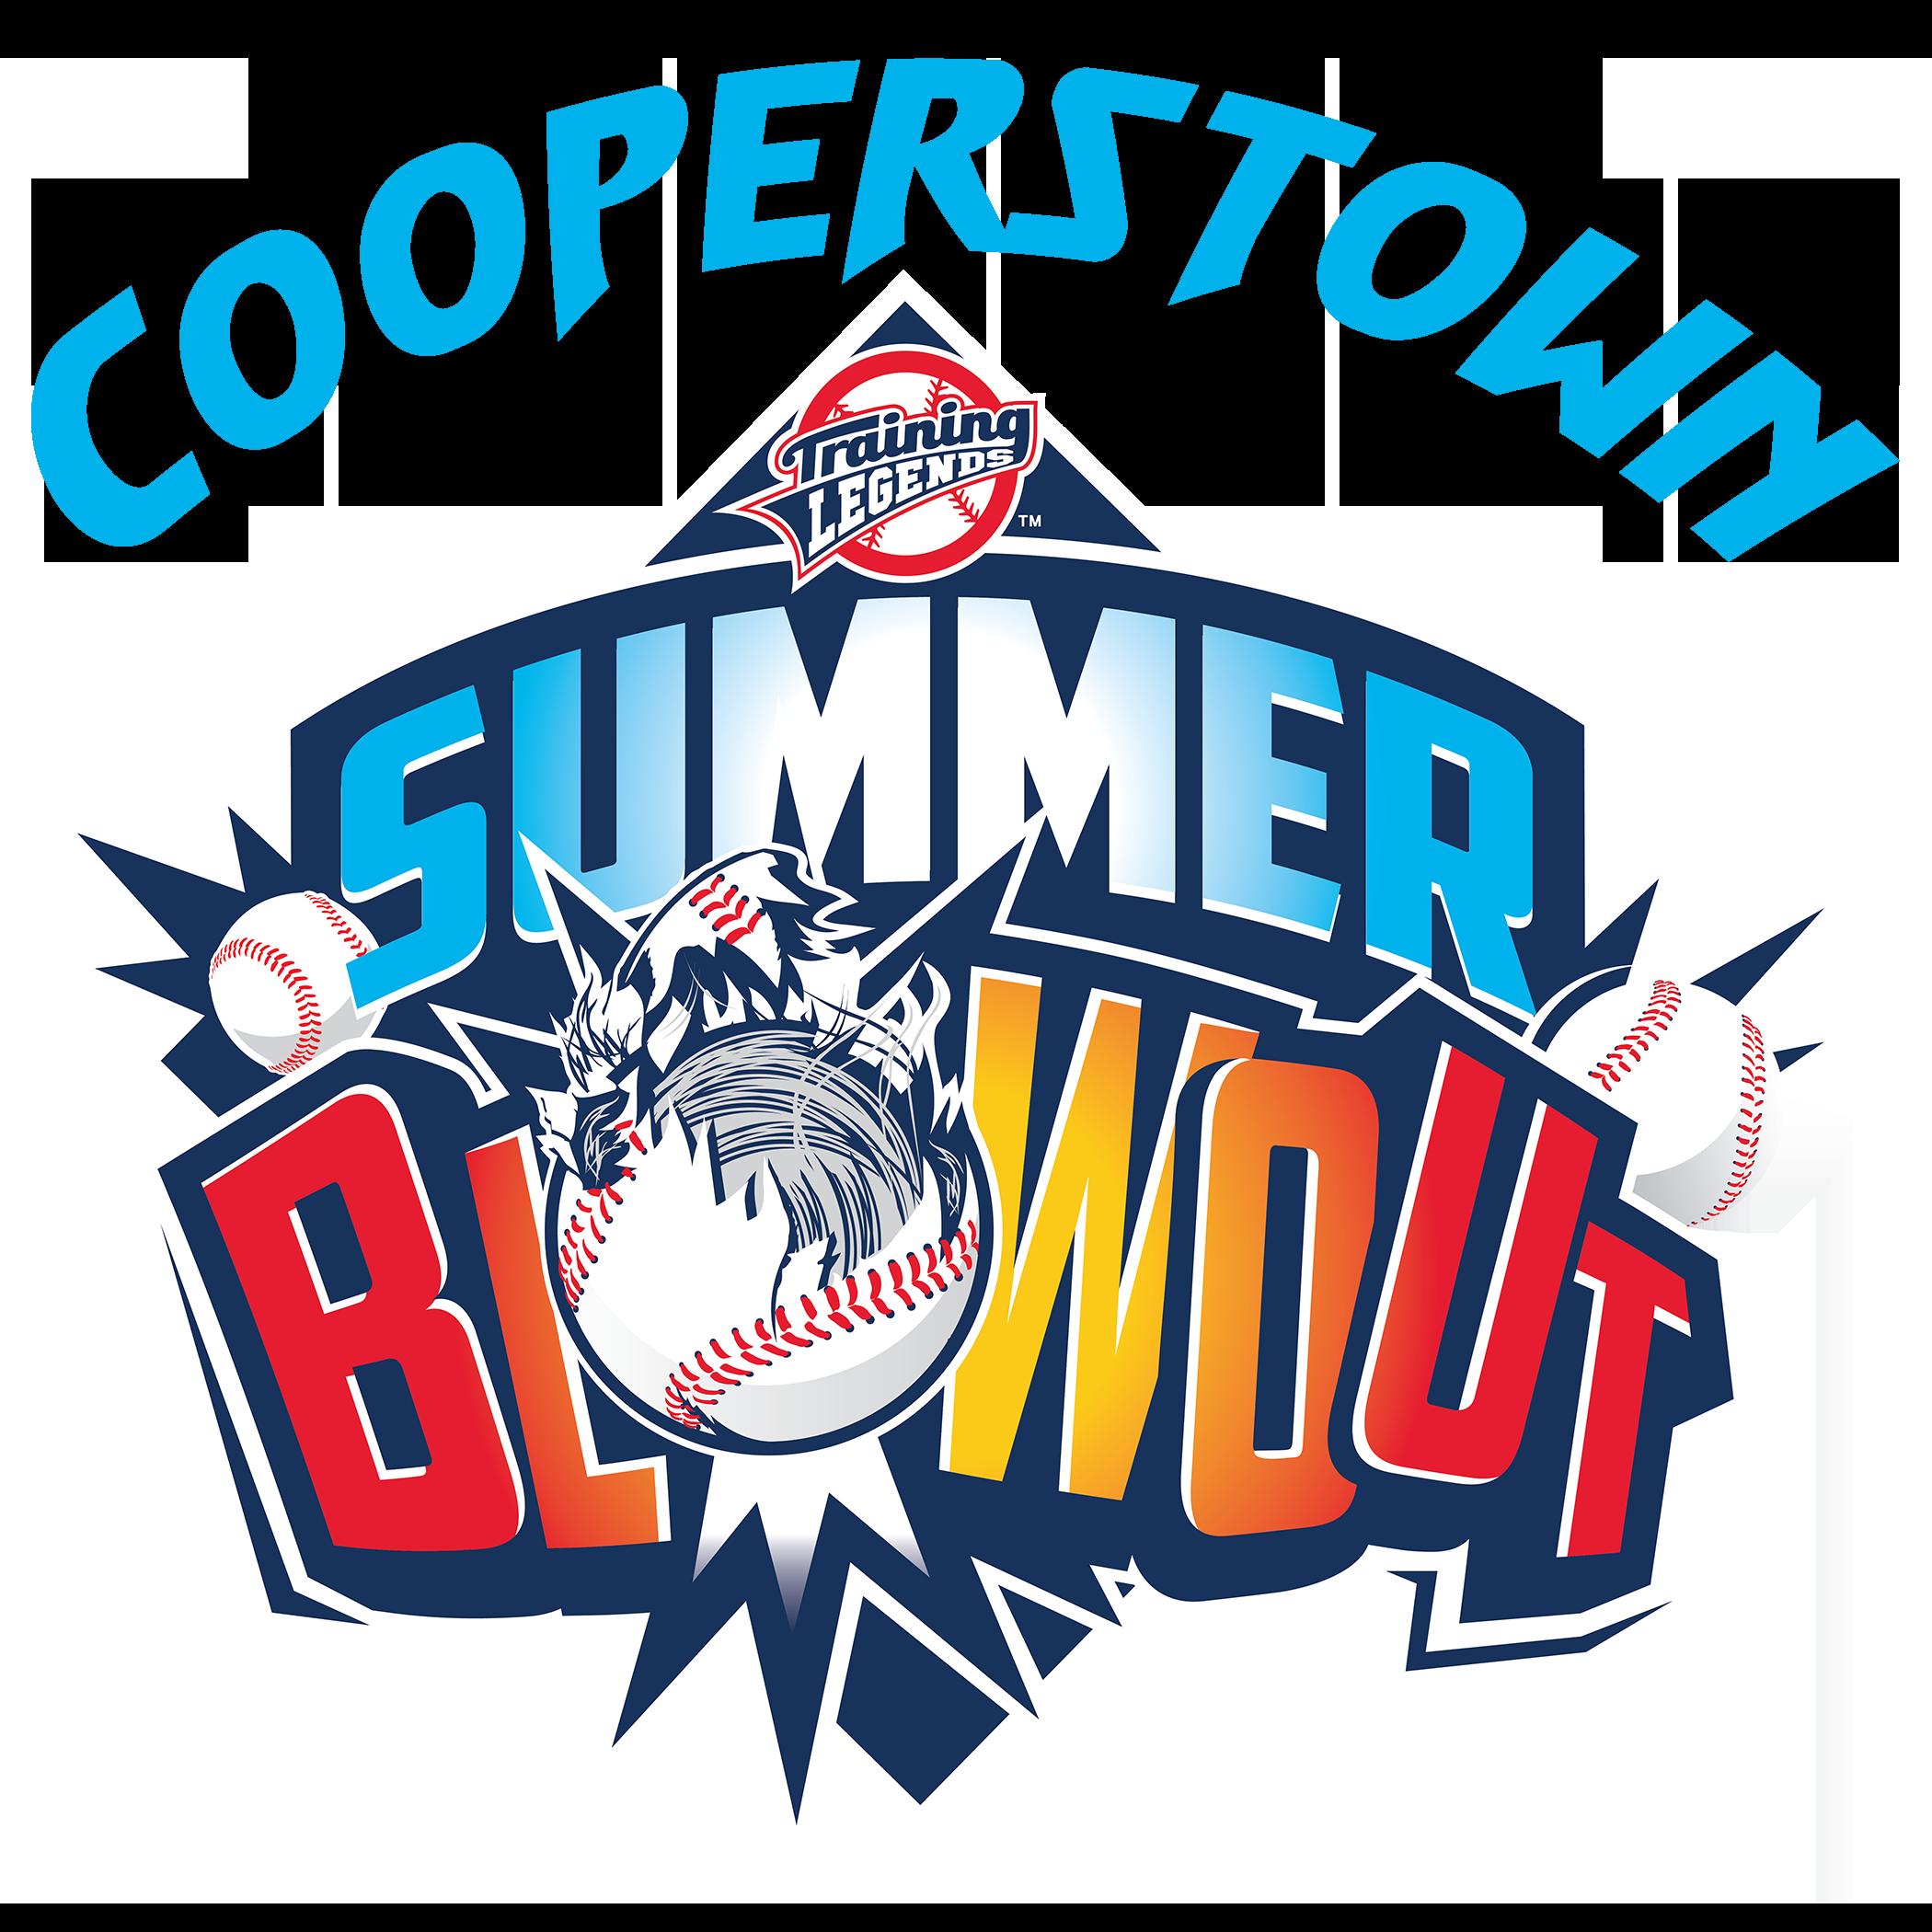 CoopSummerBlow